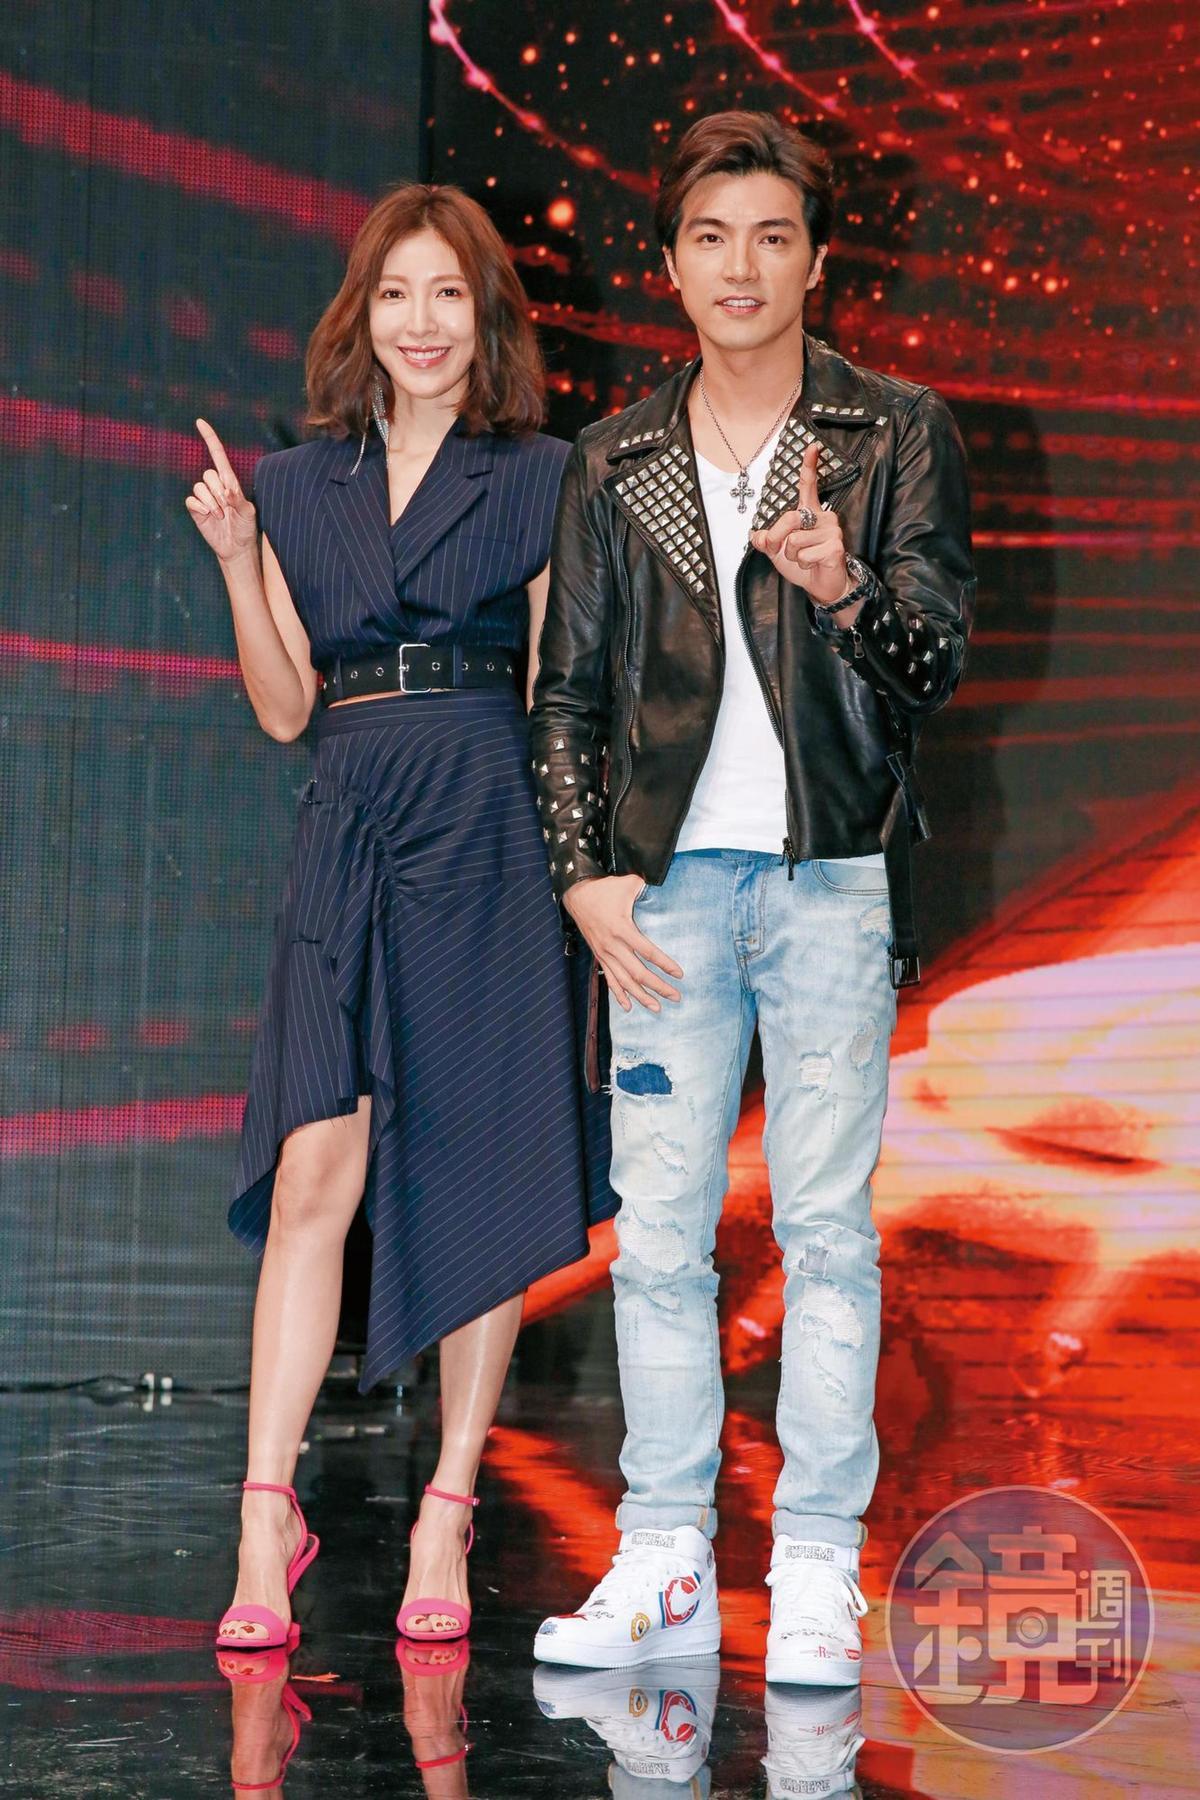 偶像劇女王楊謹華(左)及賀軍翔(右)亦獲邀擔任選角評審。